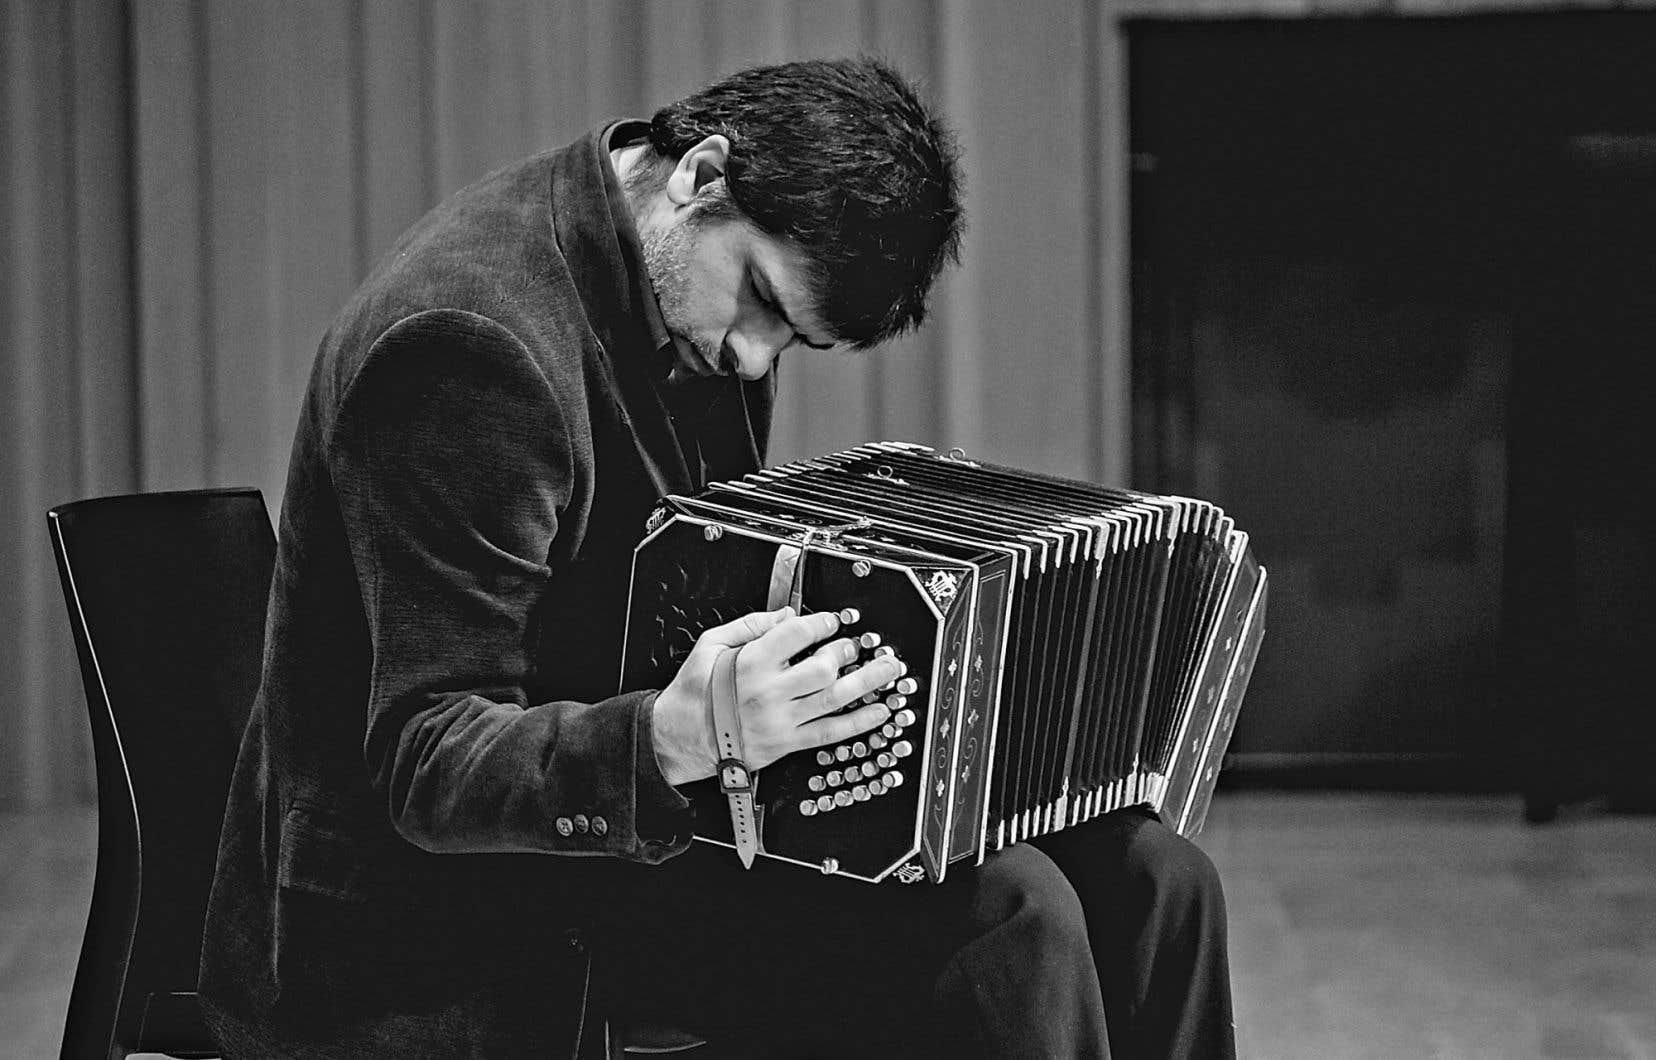 Le compositeur bandonéoniste Daniel Ruggiero assure qu'«Acontrayumba», le nouveau disque, est le plus tanguero de leurs albums.